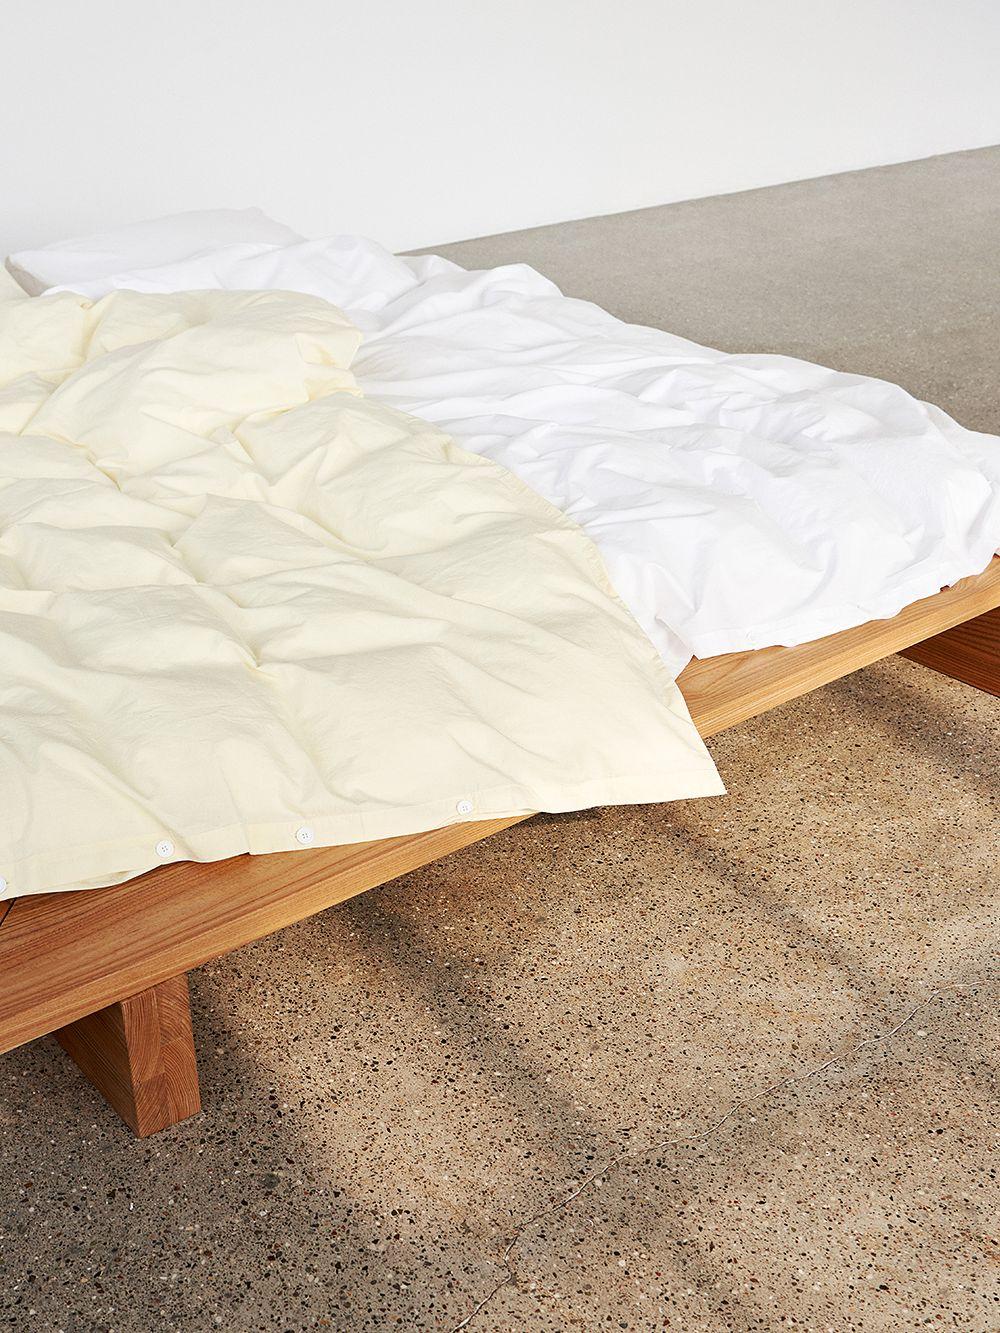 Teklan vaaleankeltainen ja valkoinen pussilakana sängyllä.